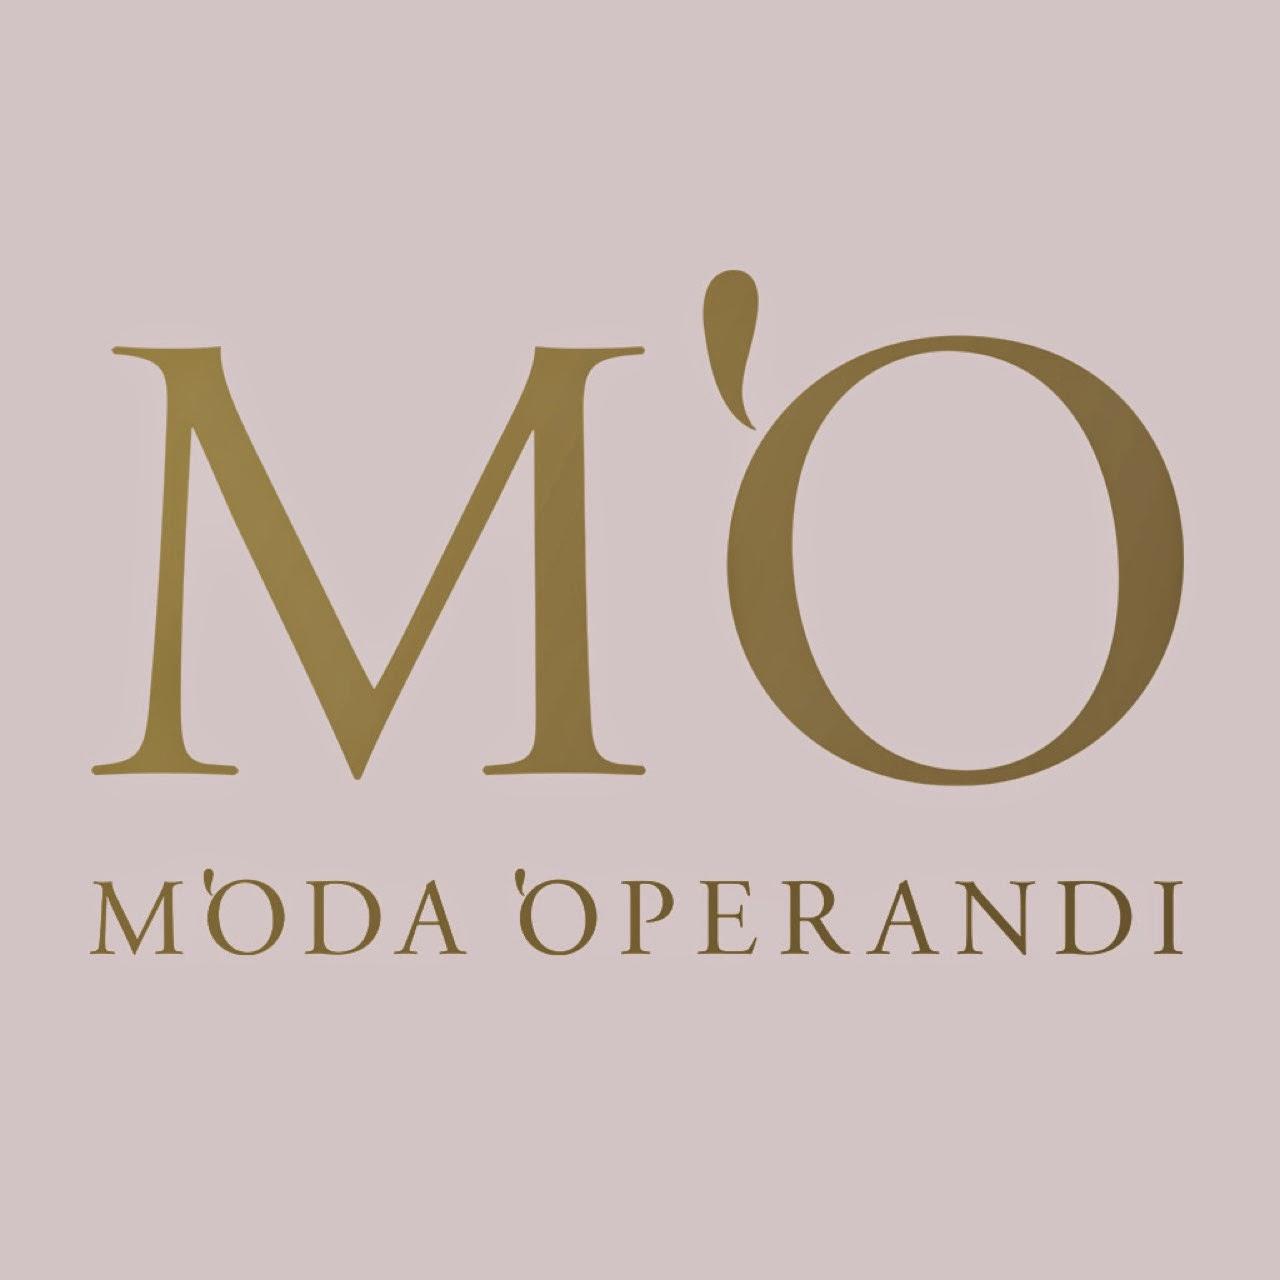 moda operandi logo.jpg